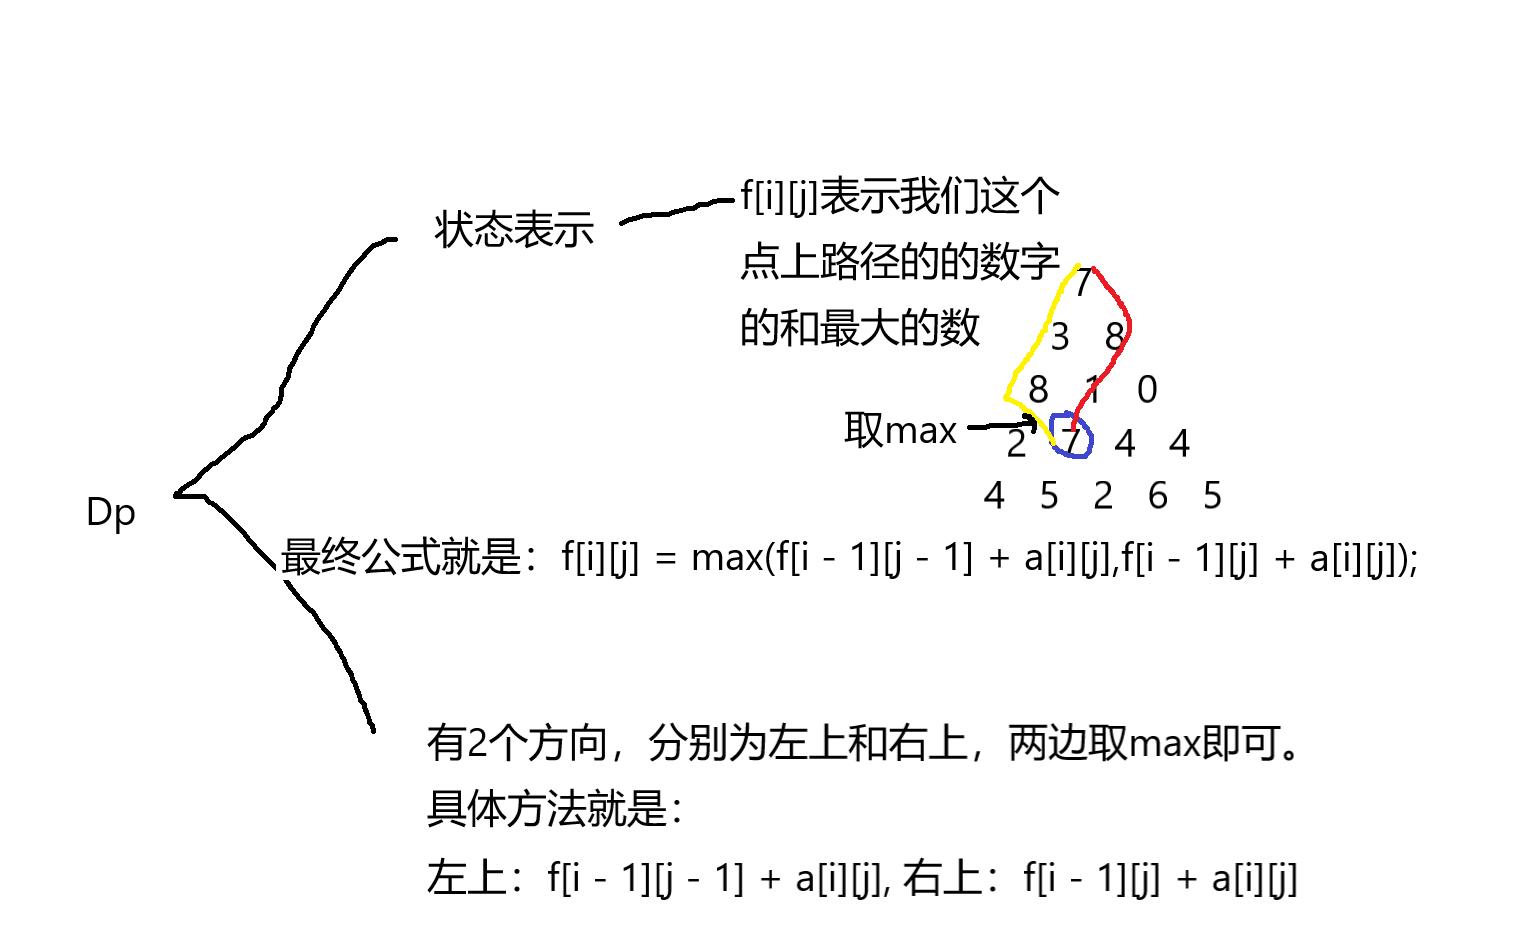 Dp——数字三角形.png